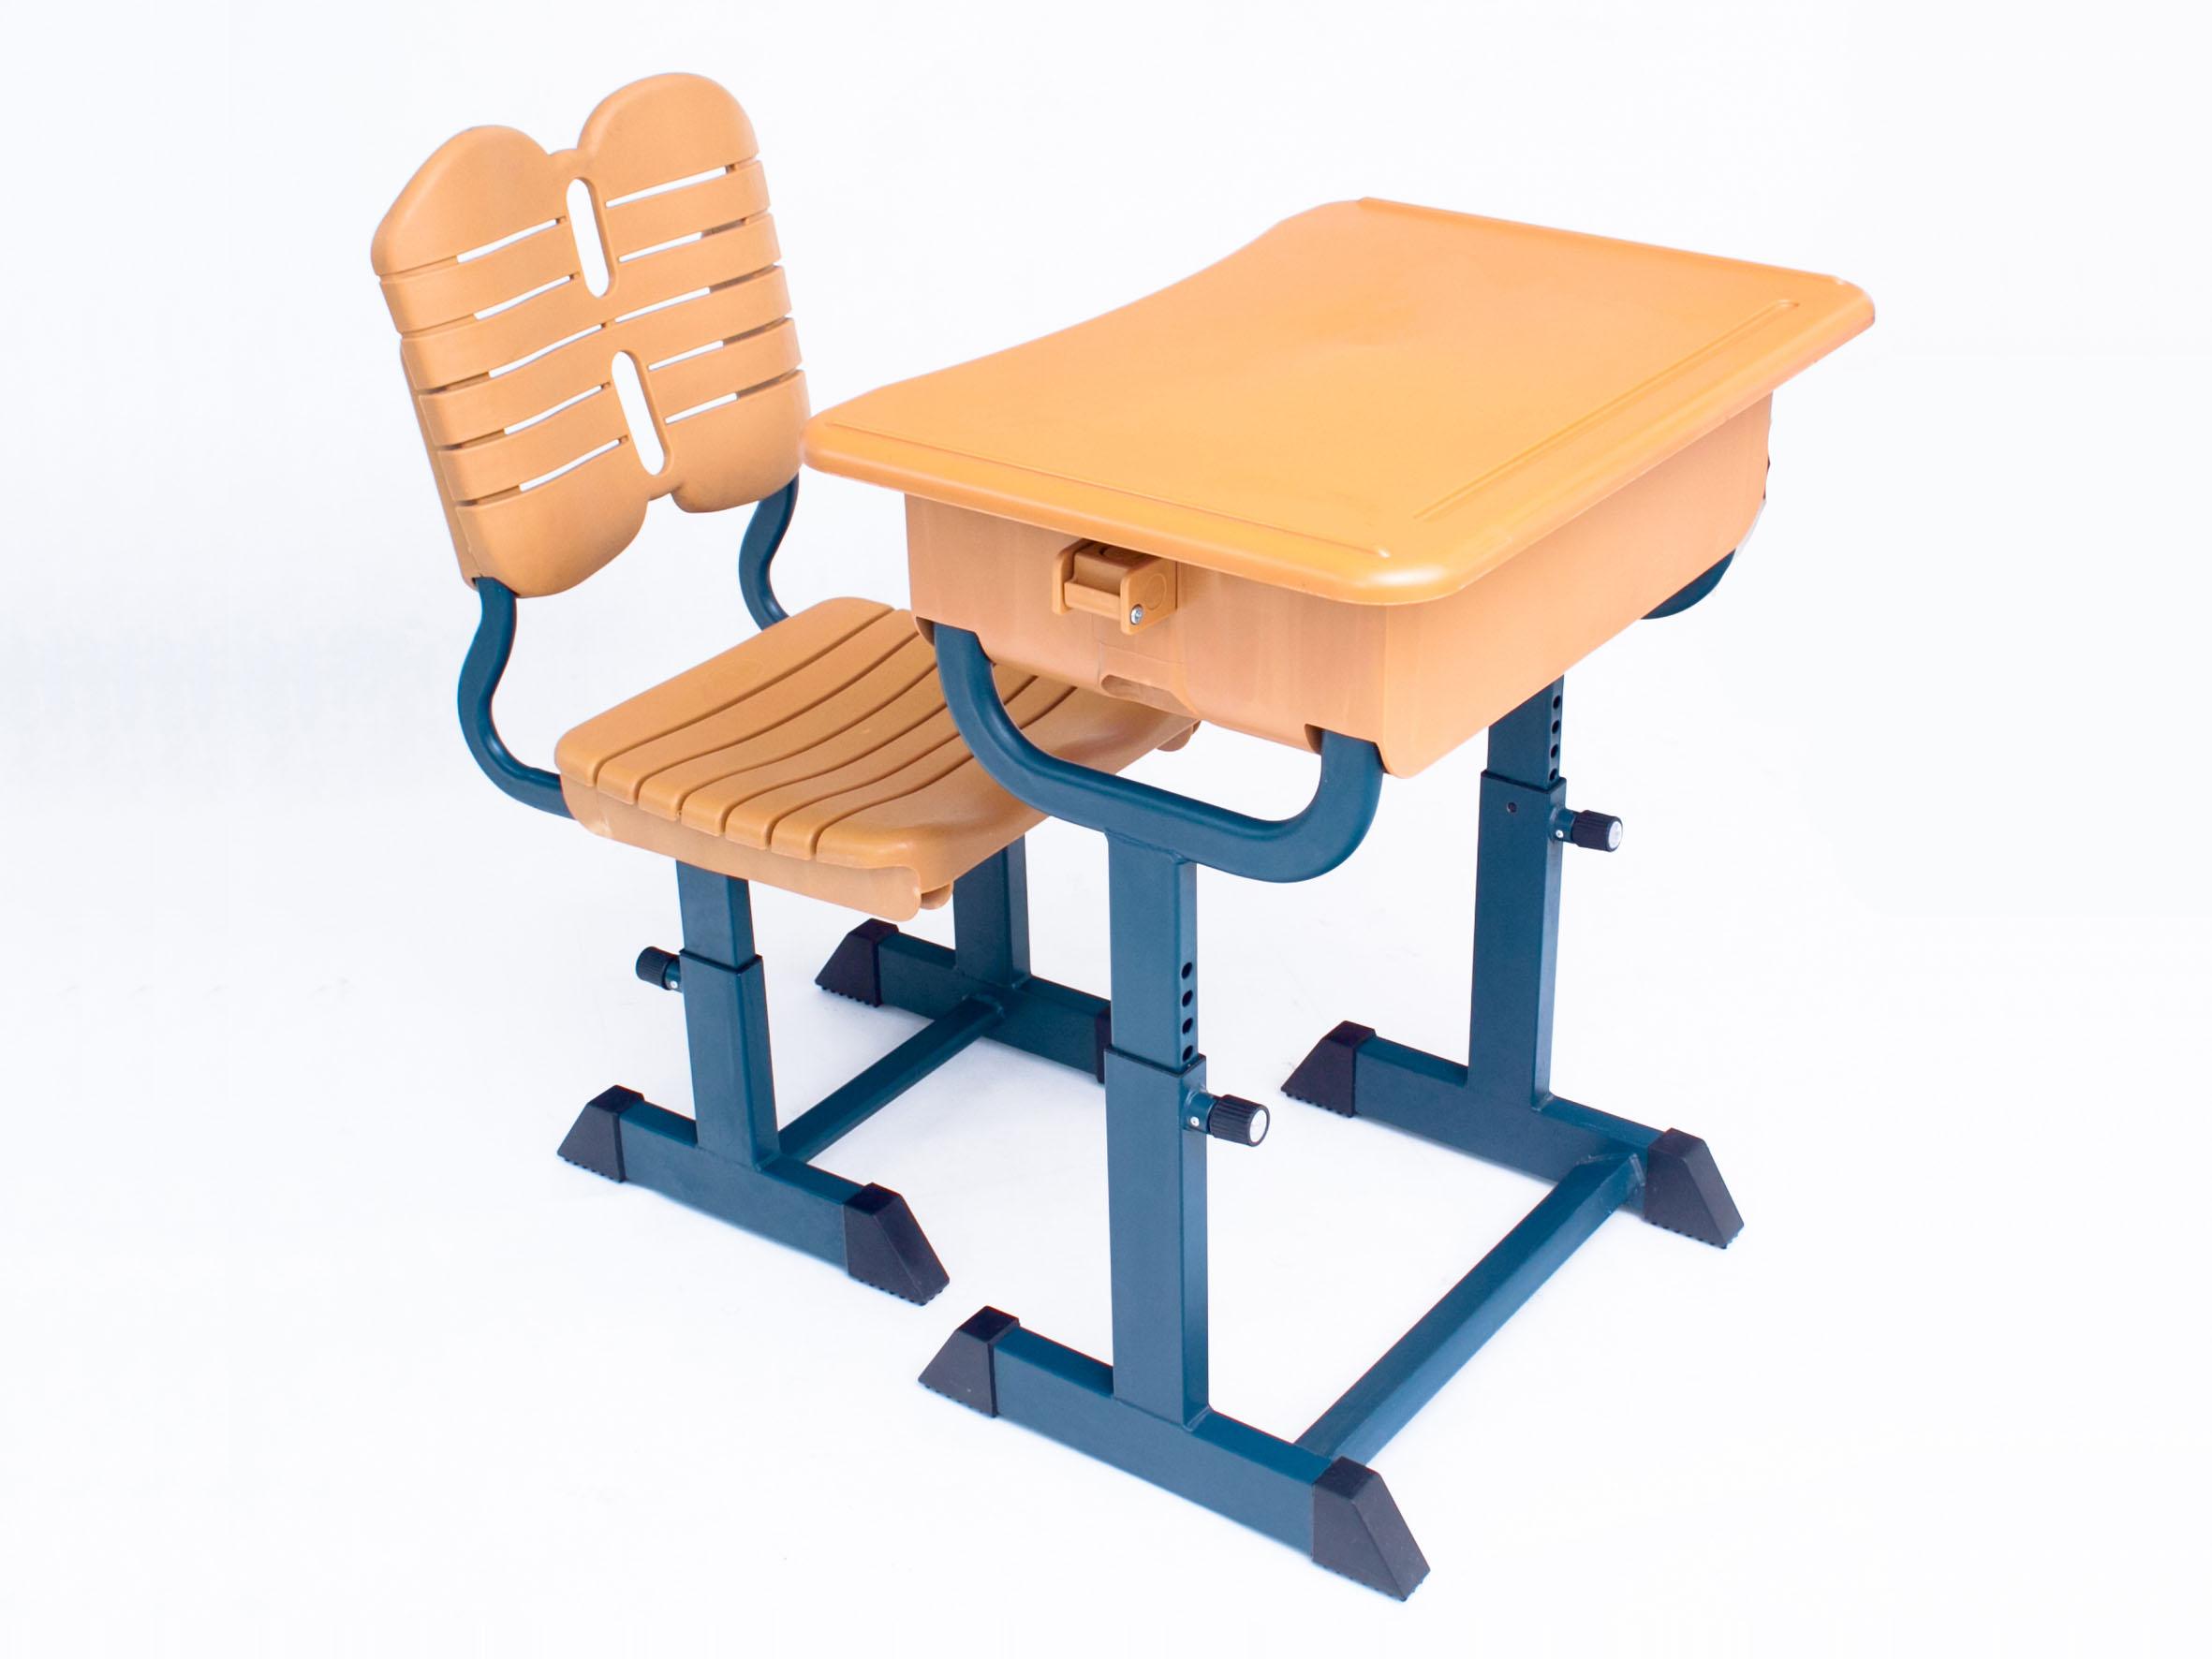 學生升降課桌椅材質及優缺點介紹